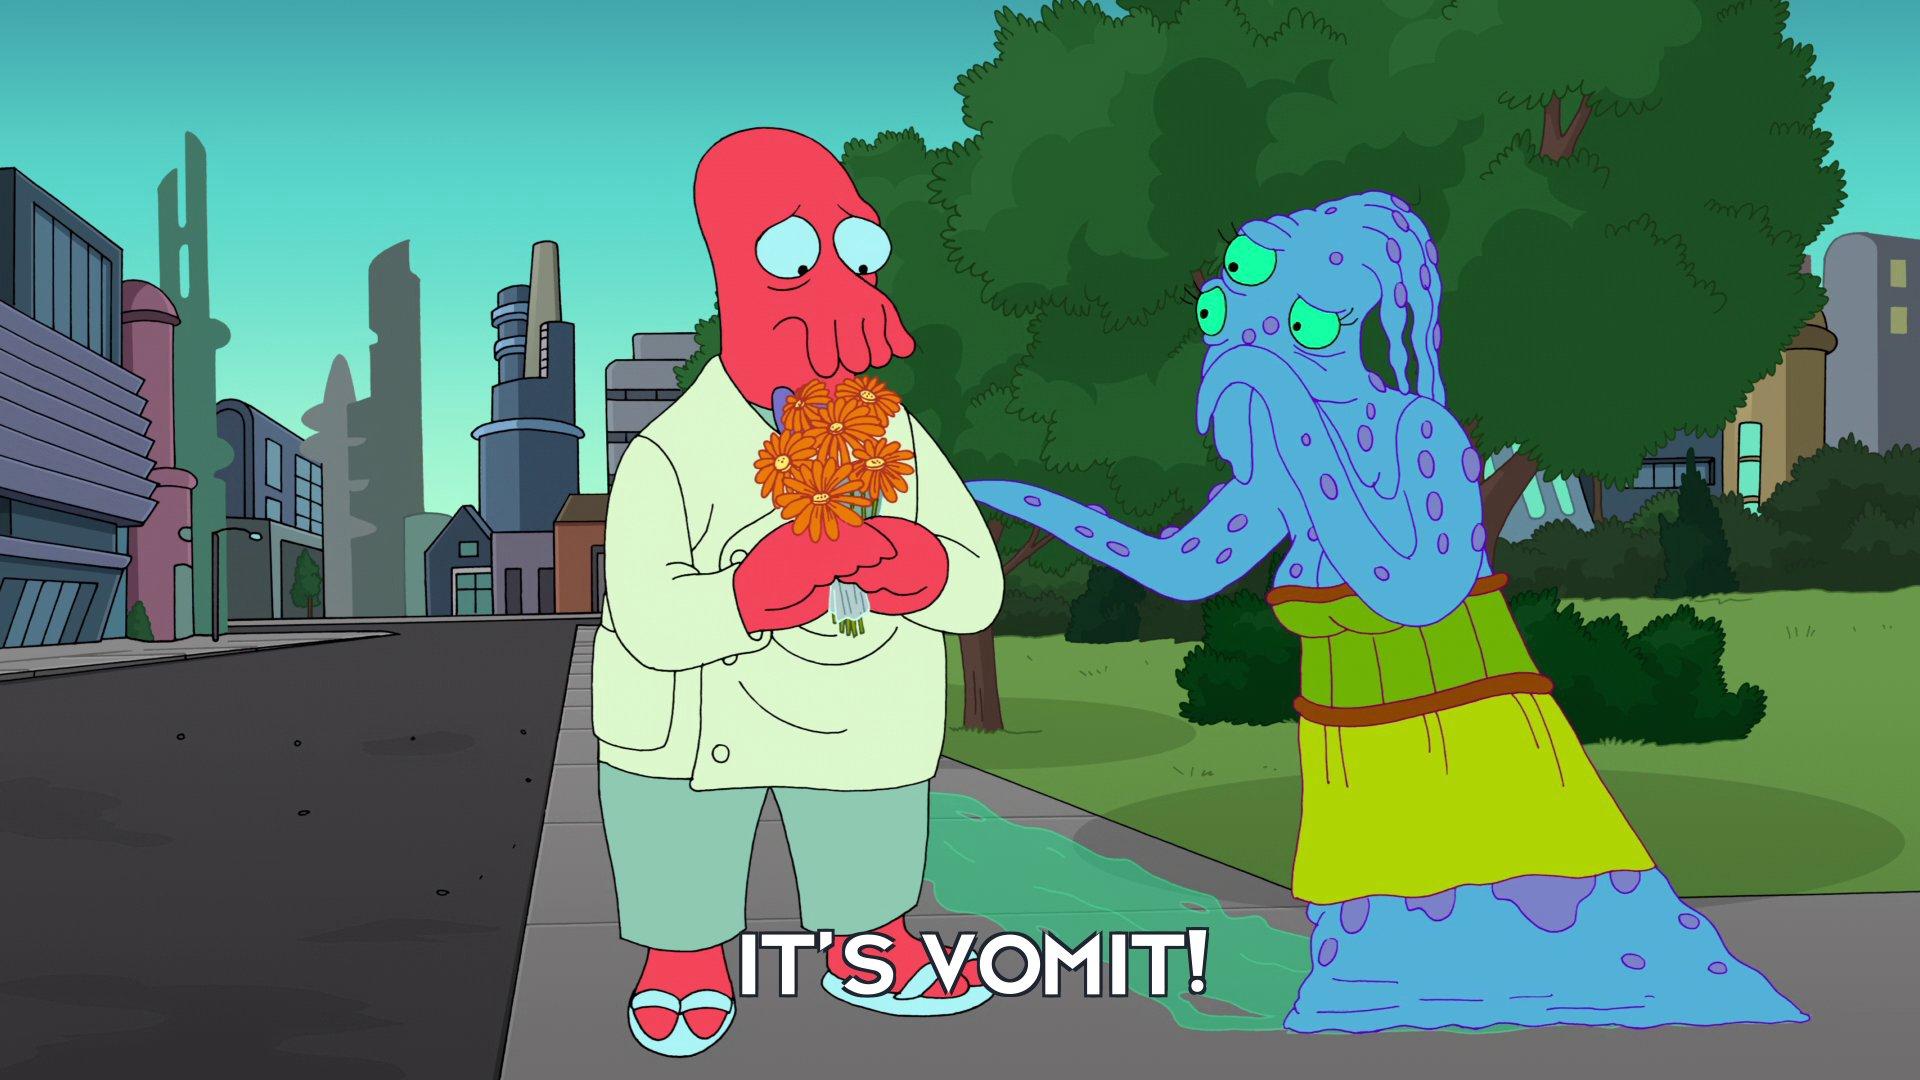 Zindy: It's vomit!